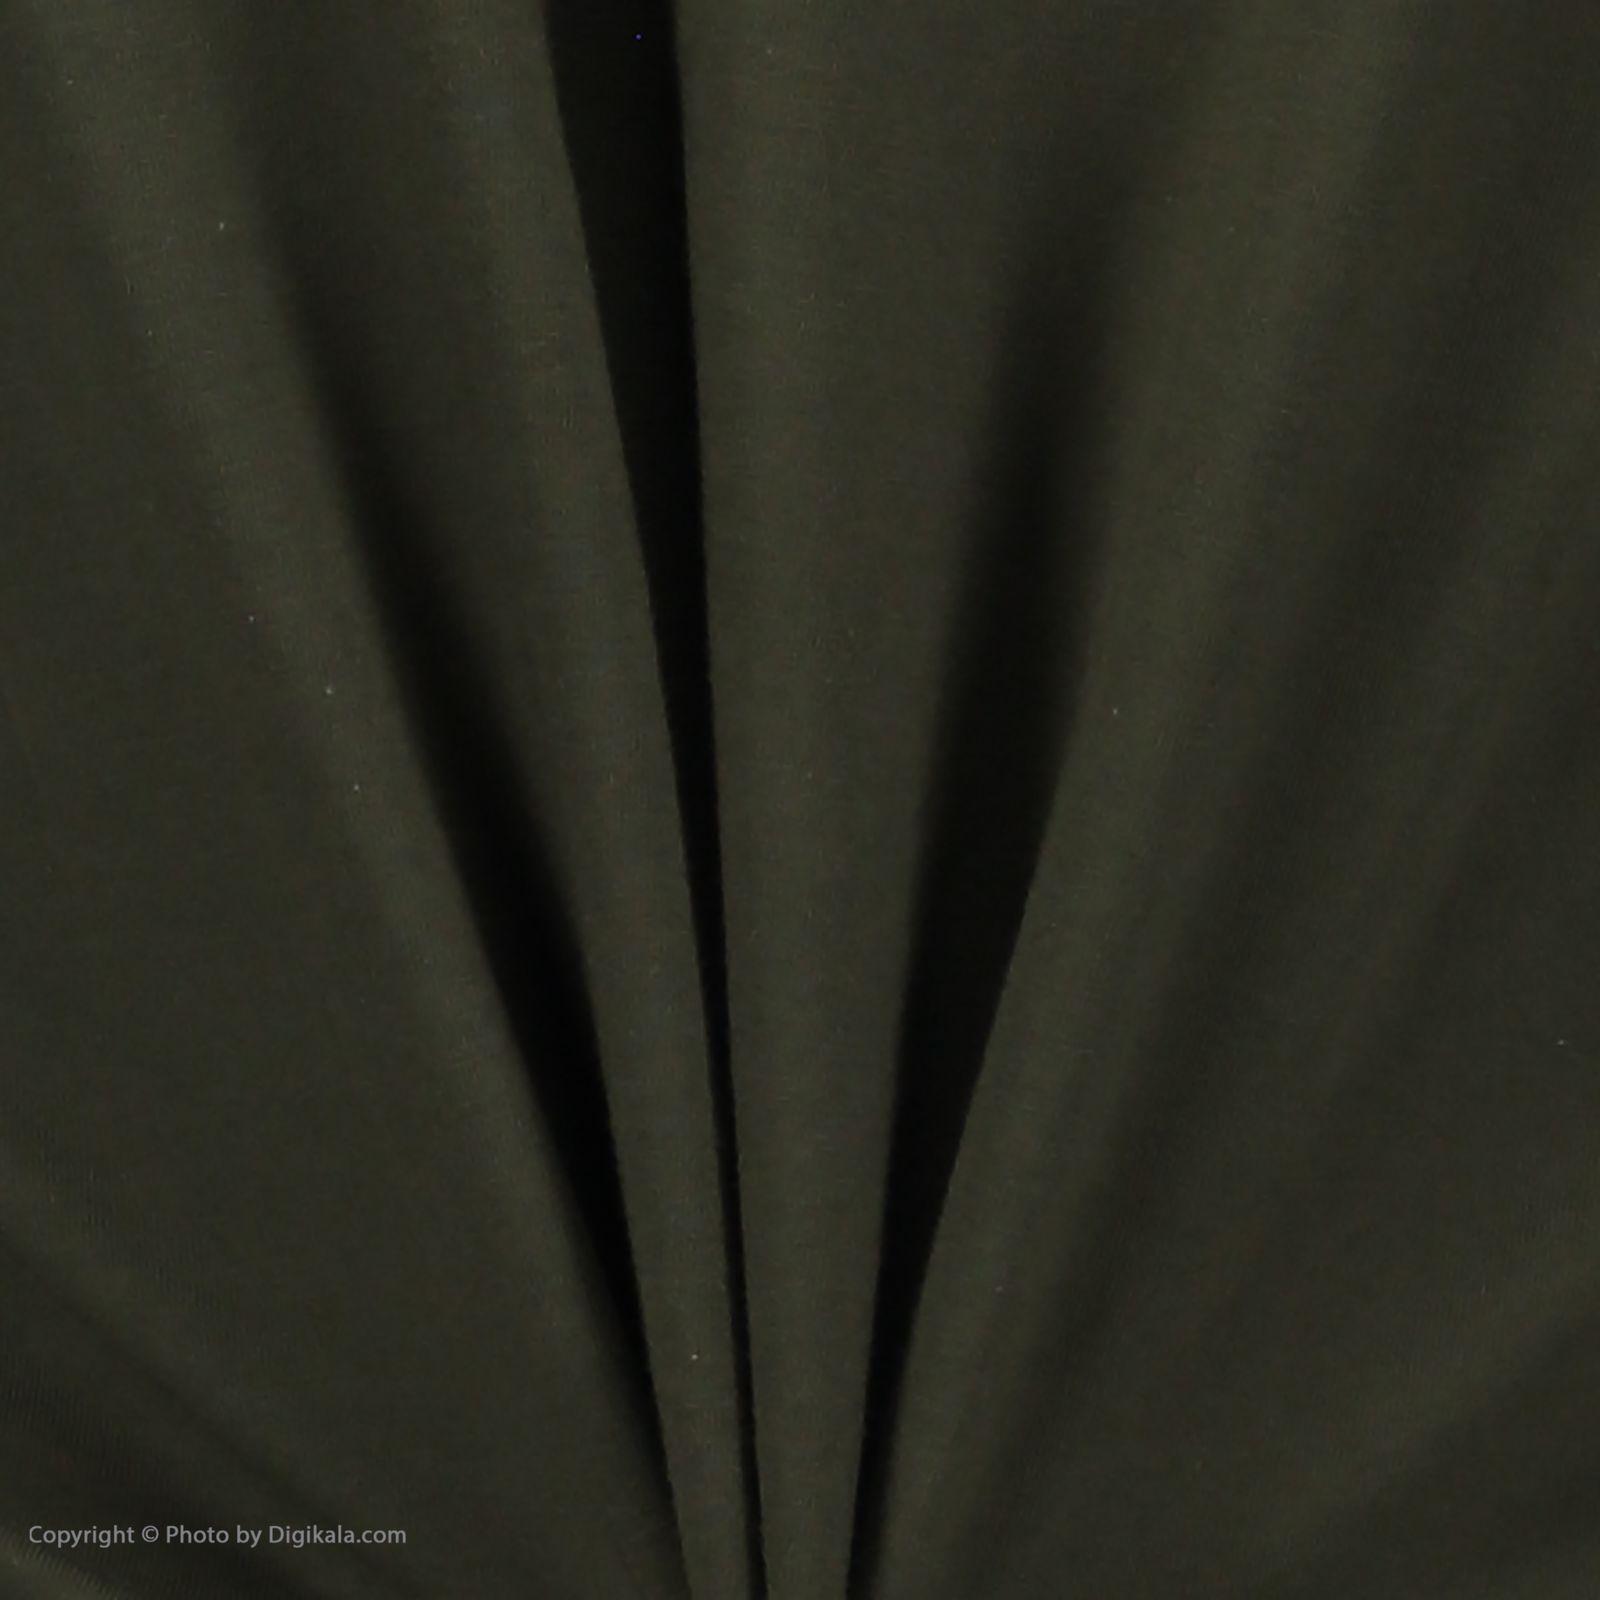 تی شرت ورزشی مردانه یونی پرو مدل 914119301-60 -  - 5